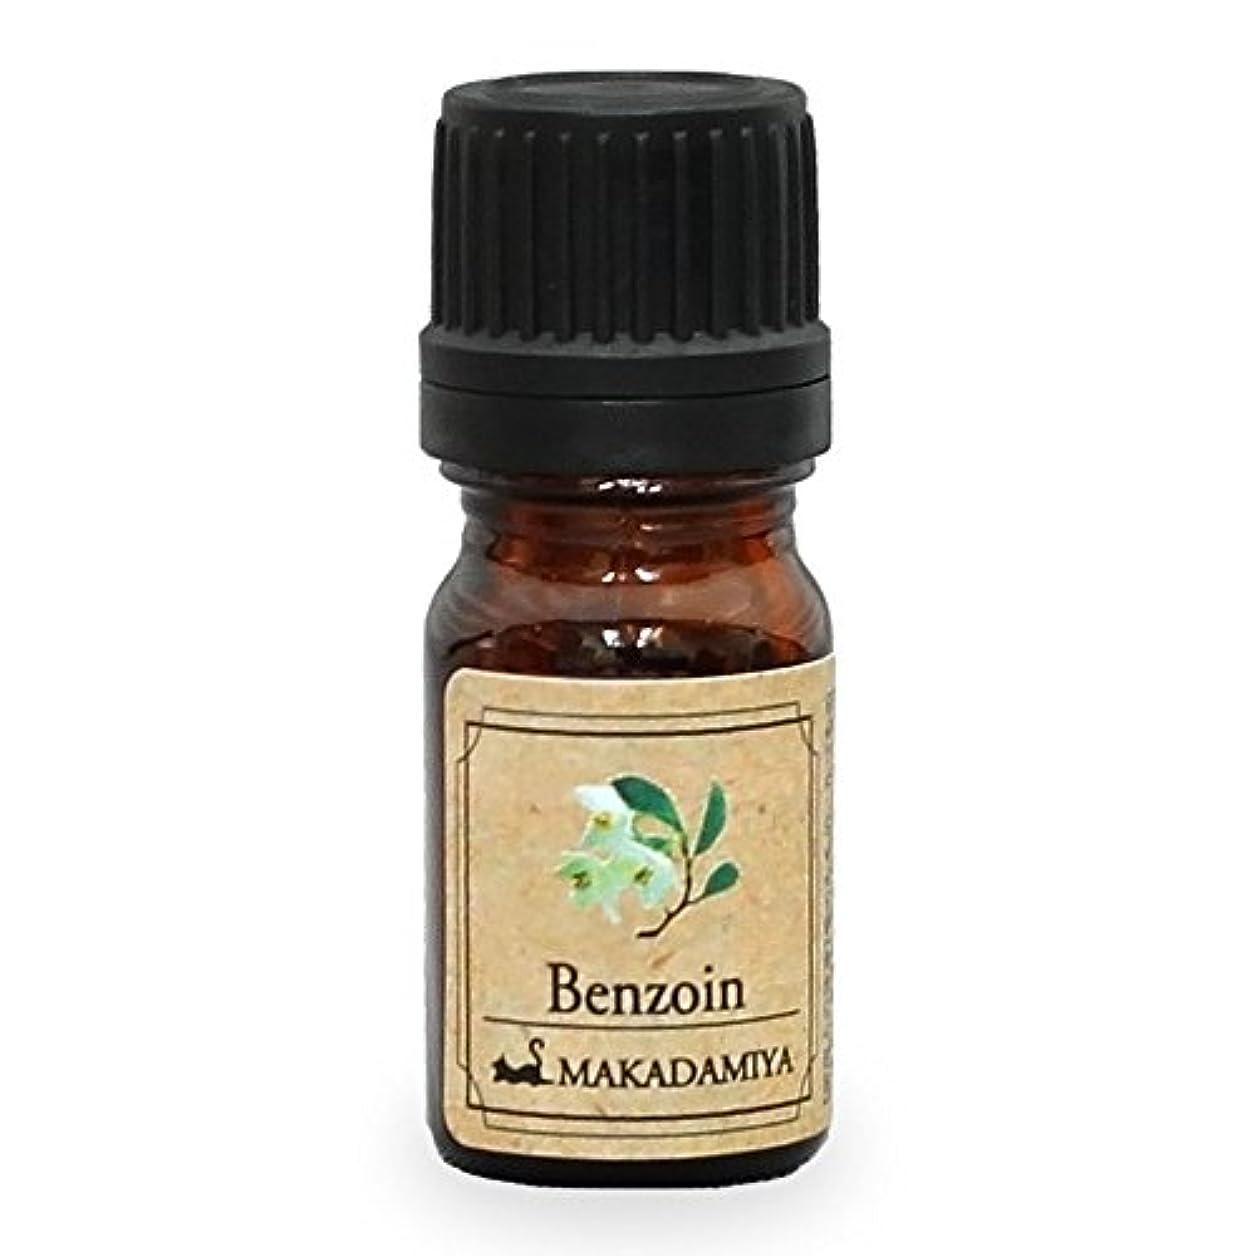 擬人不利益固執ベンゾイン5ml天然100%植物性エッセンシャルオイル(精油)アロマオイルアロママッサージアロマテラピーaroma Benzoin